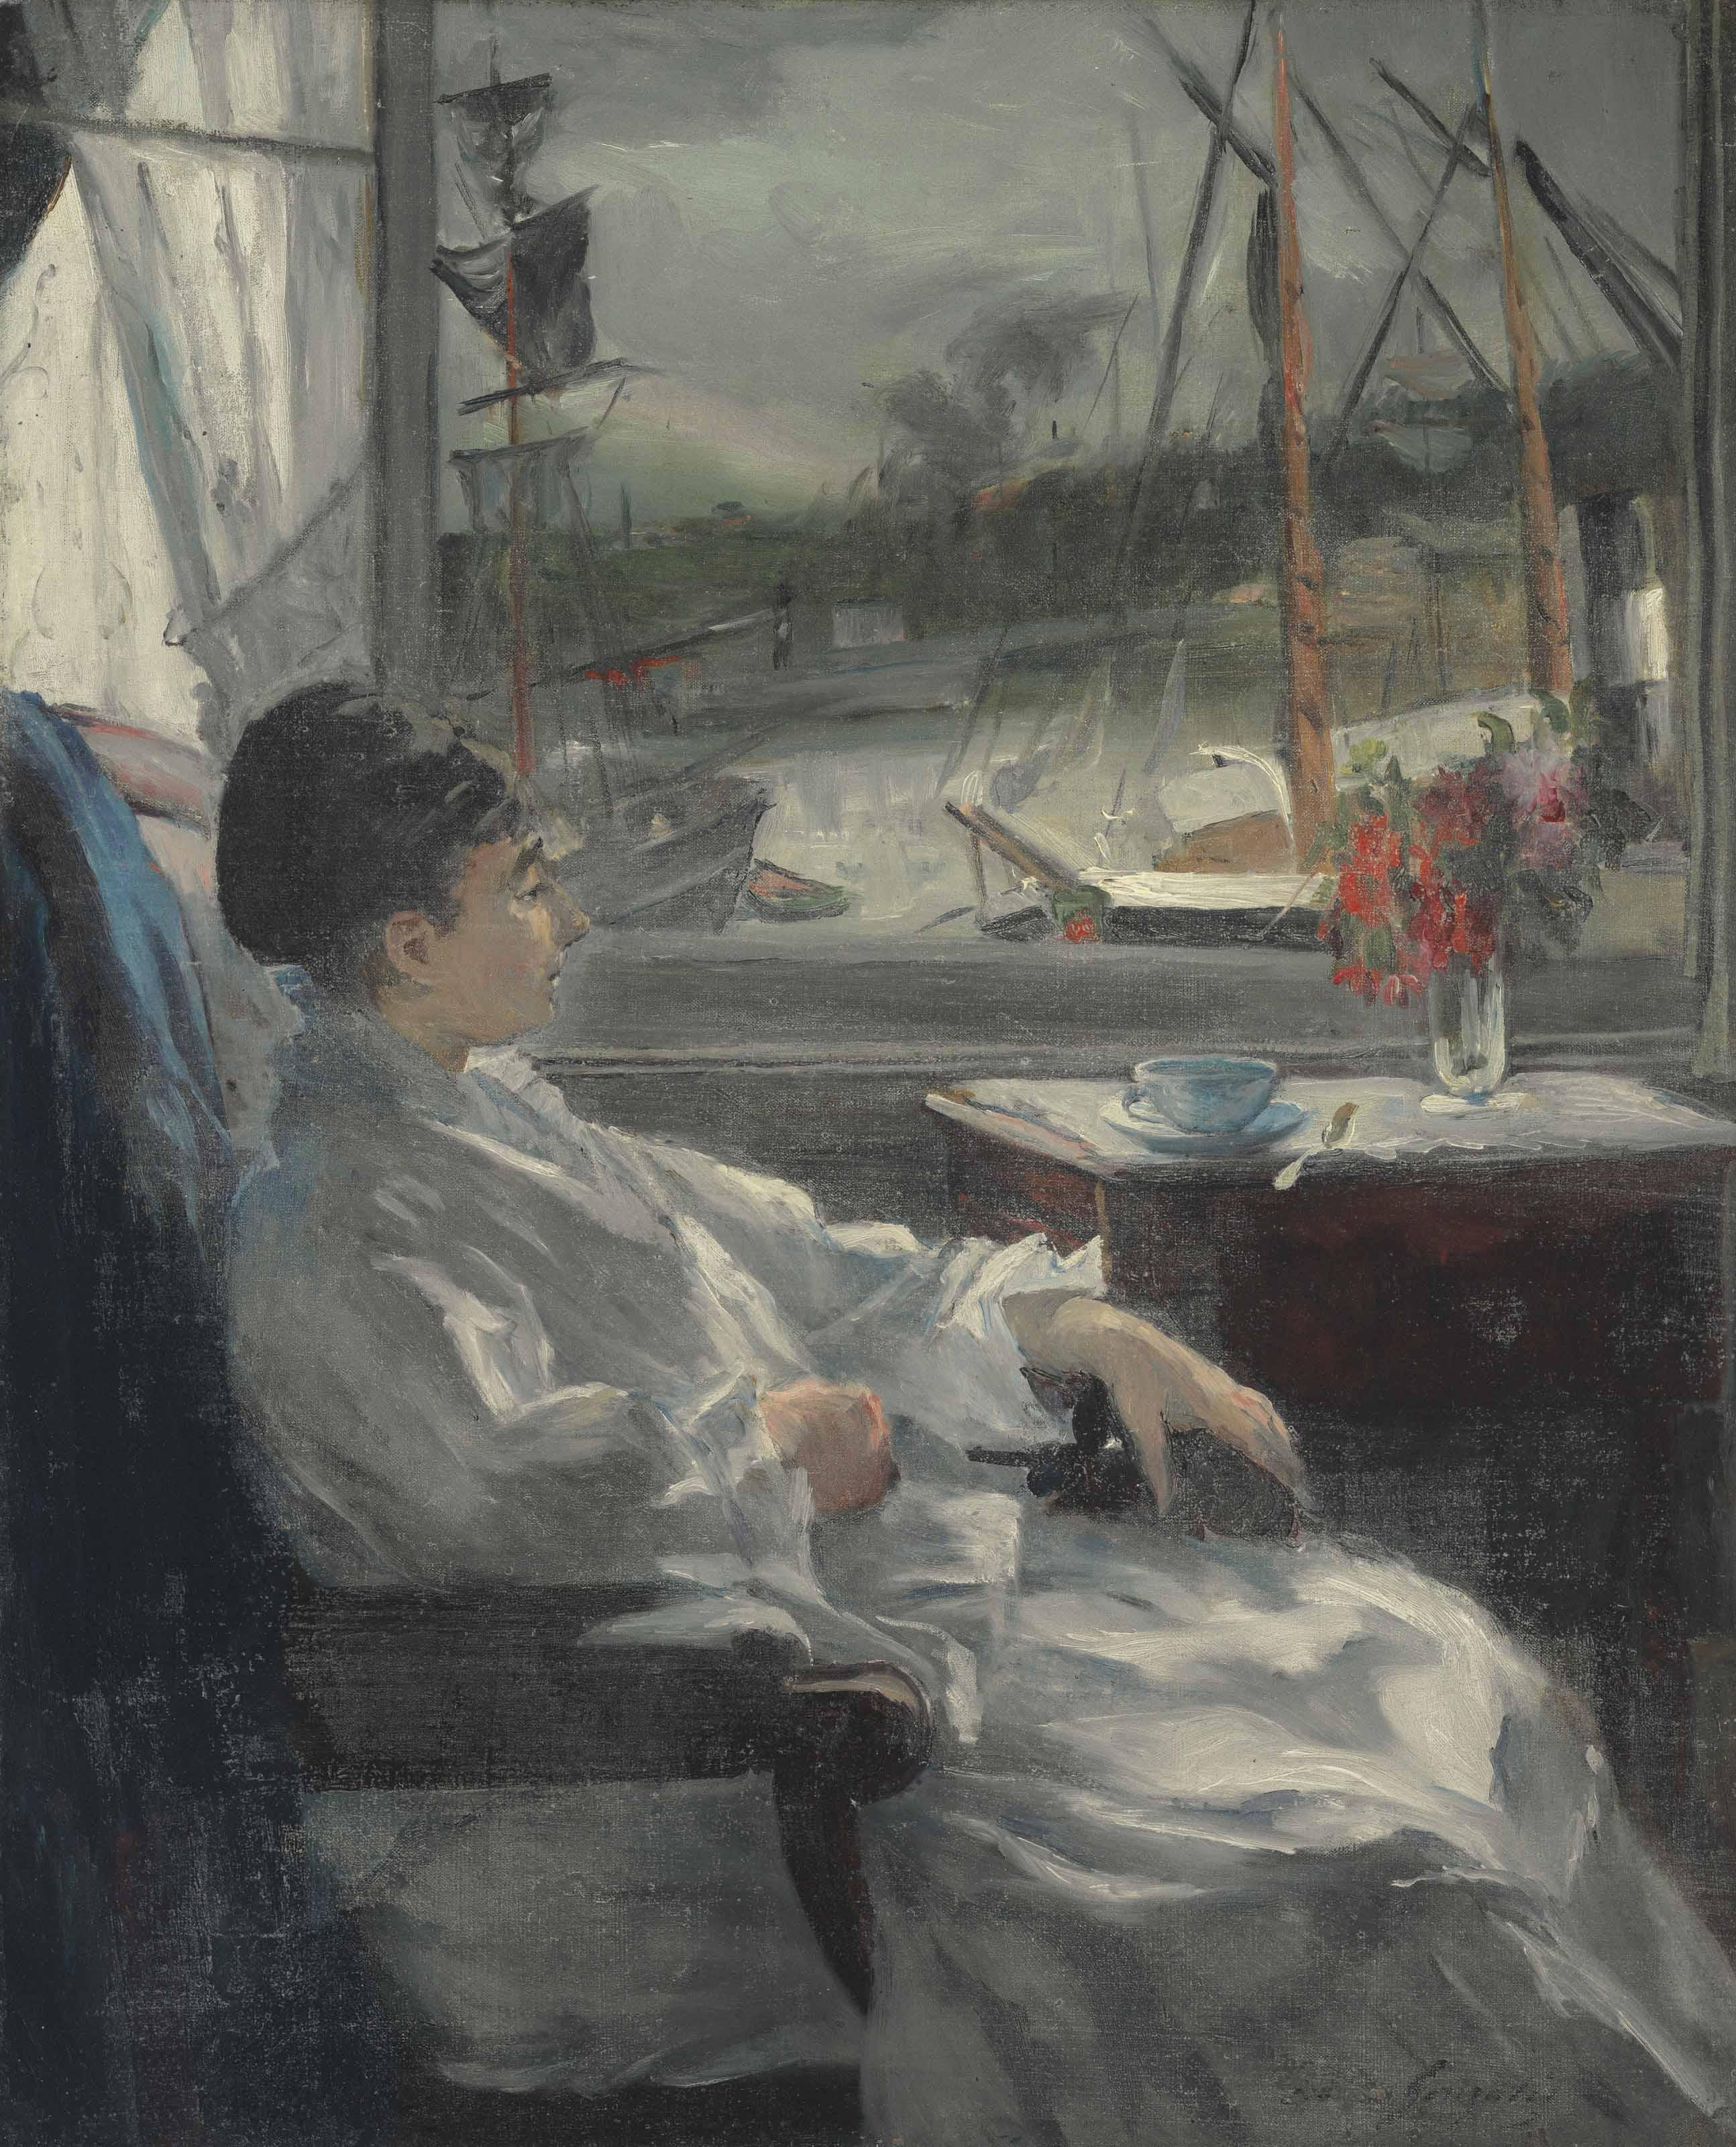 Eva Gonzalès à Dieppe